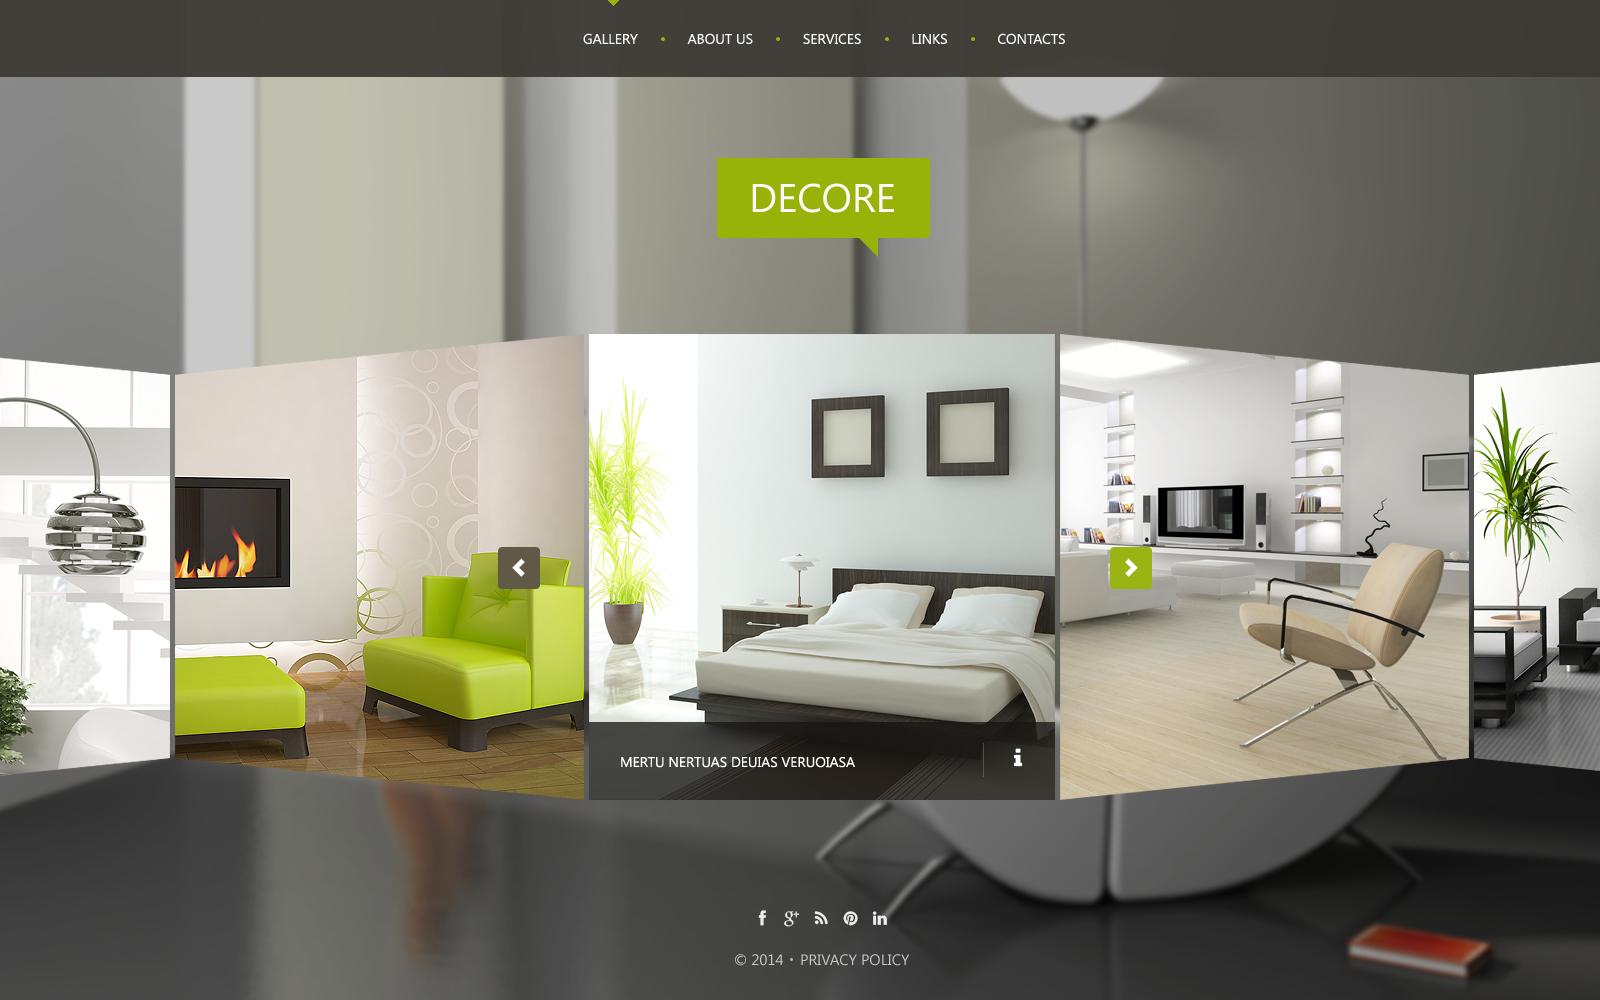 Website Vorlage für Innenarchitektur #51116